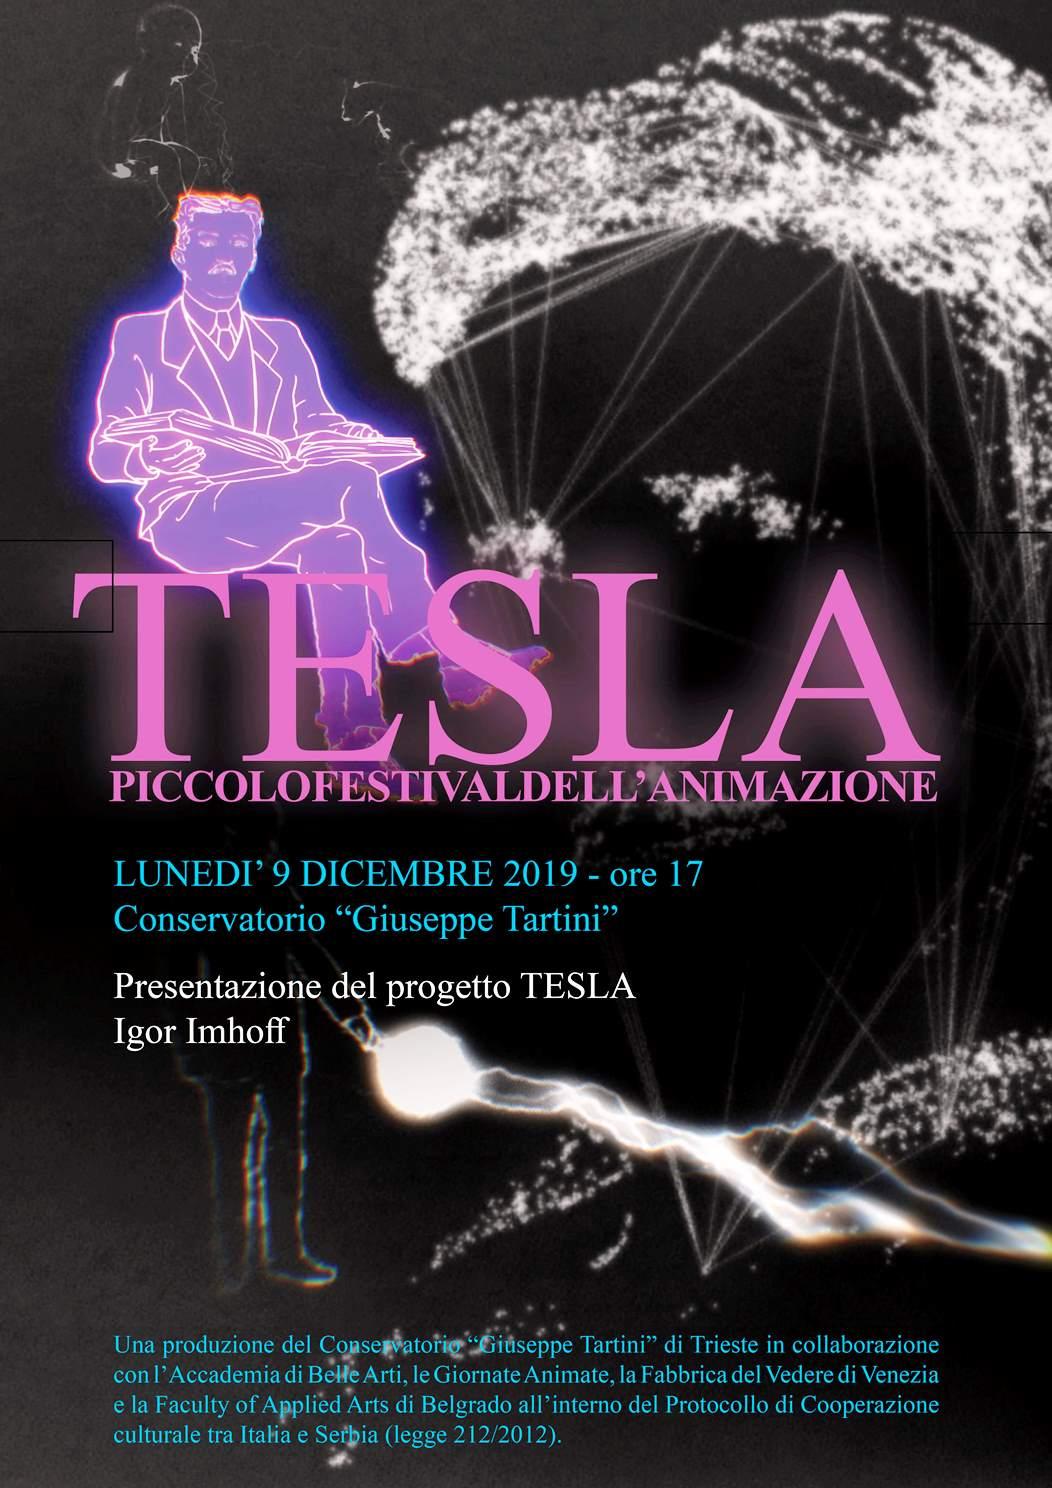 Tesla: Piccolo Festival dell'Animazione